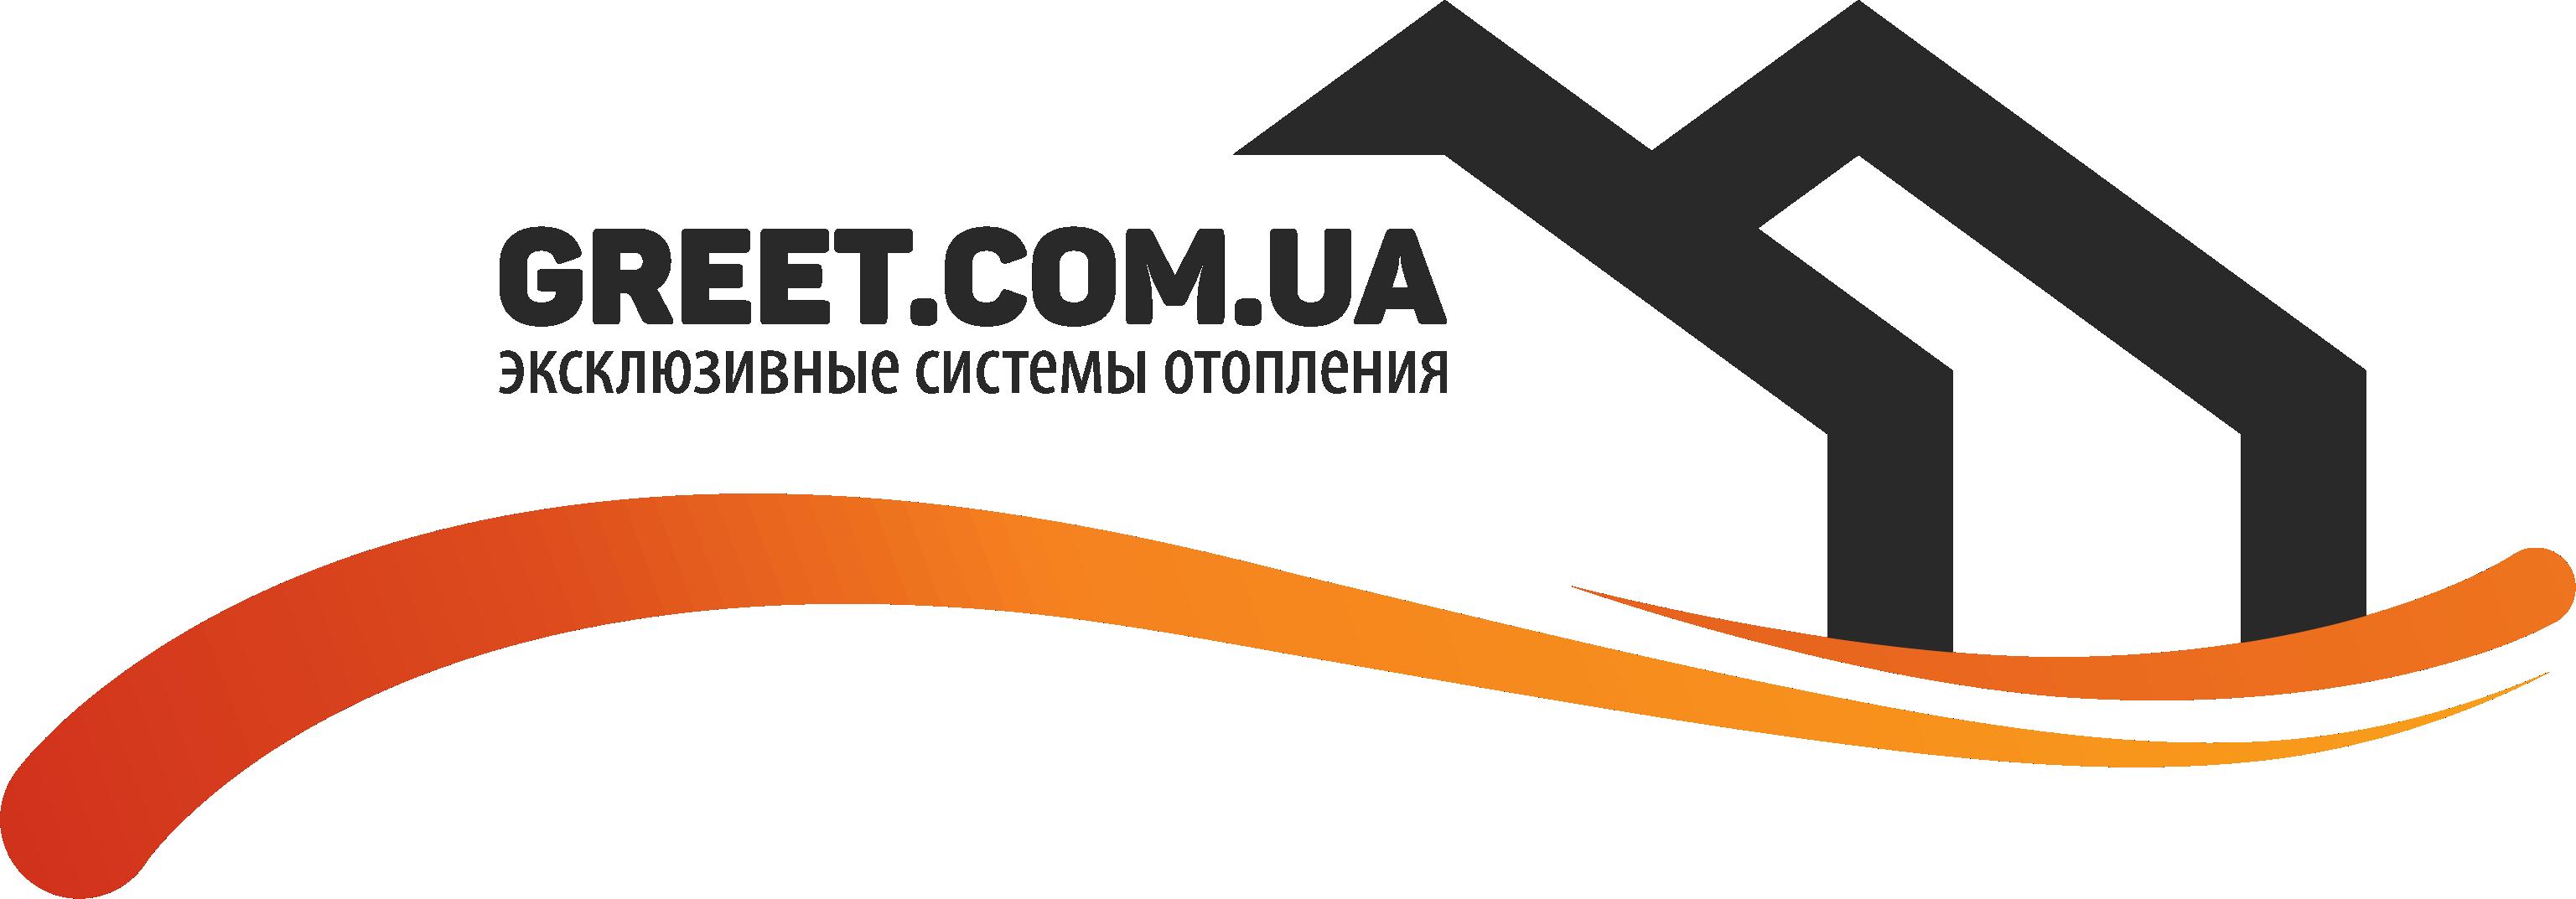 greet.com.ua